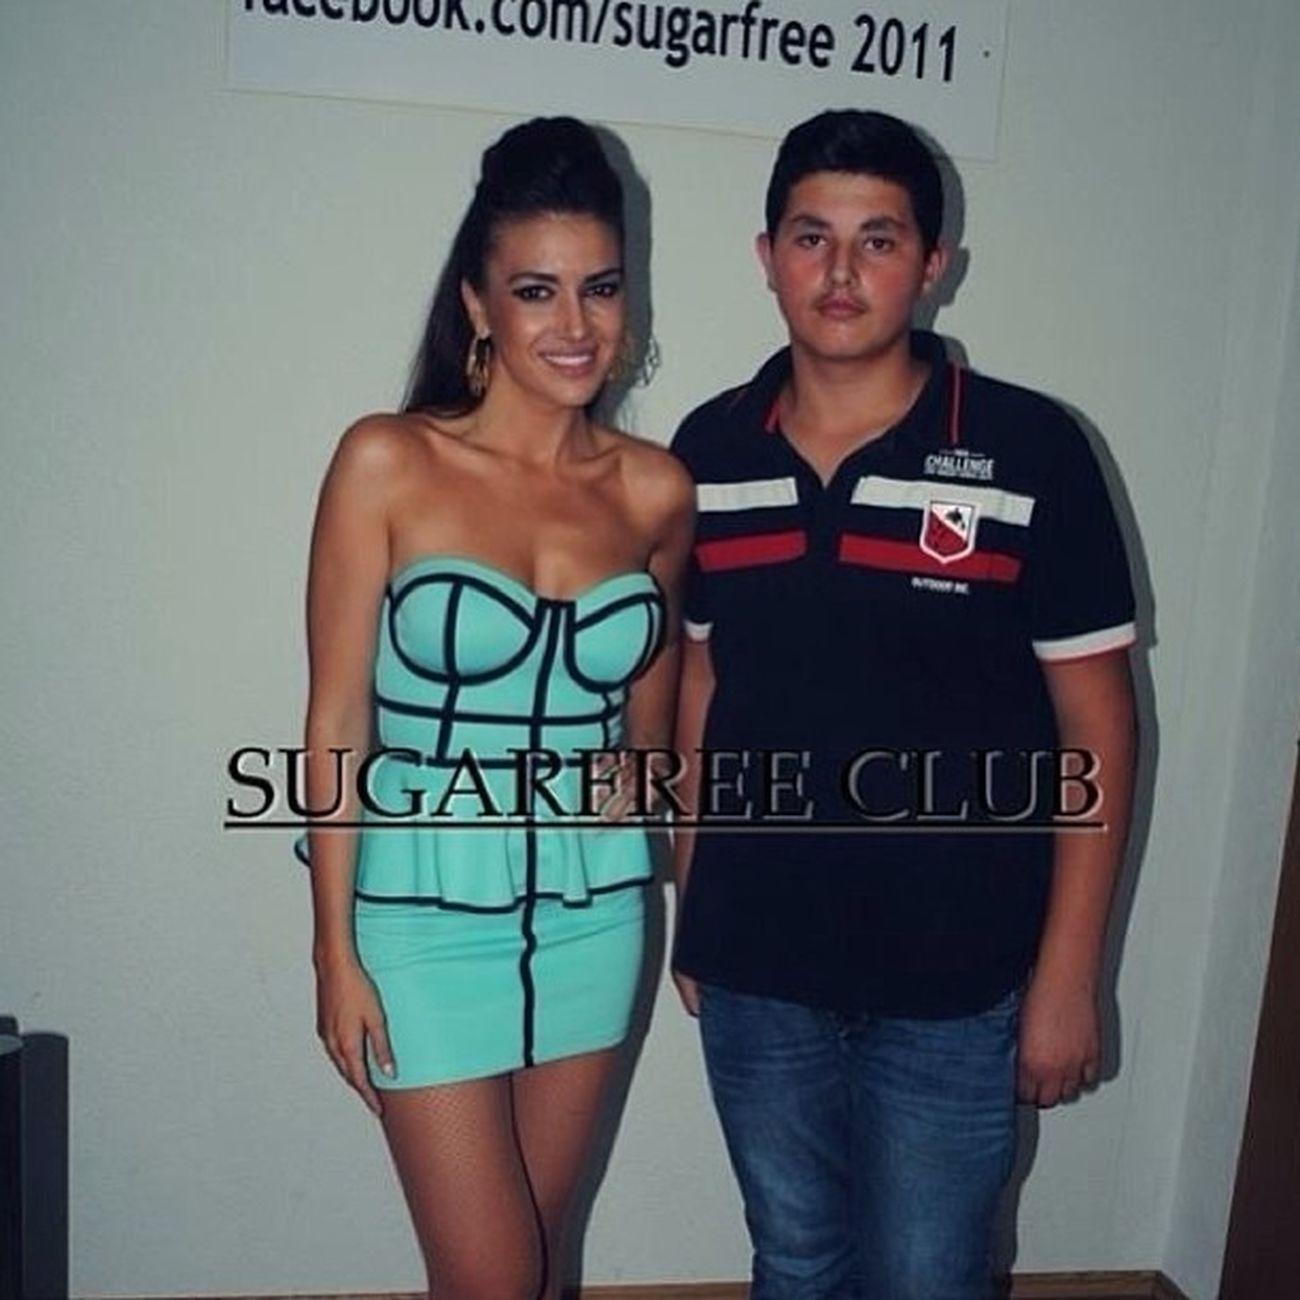 SumerSugarfree Club Elvana Gjata